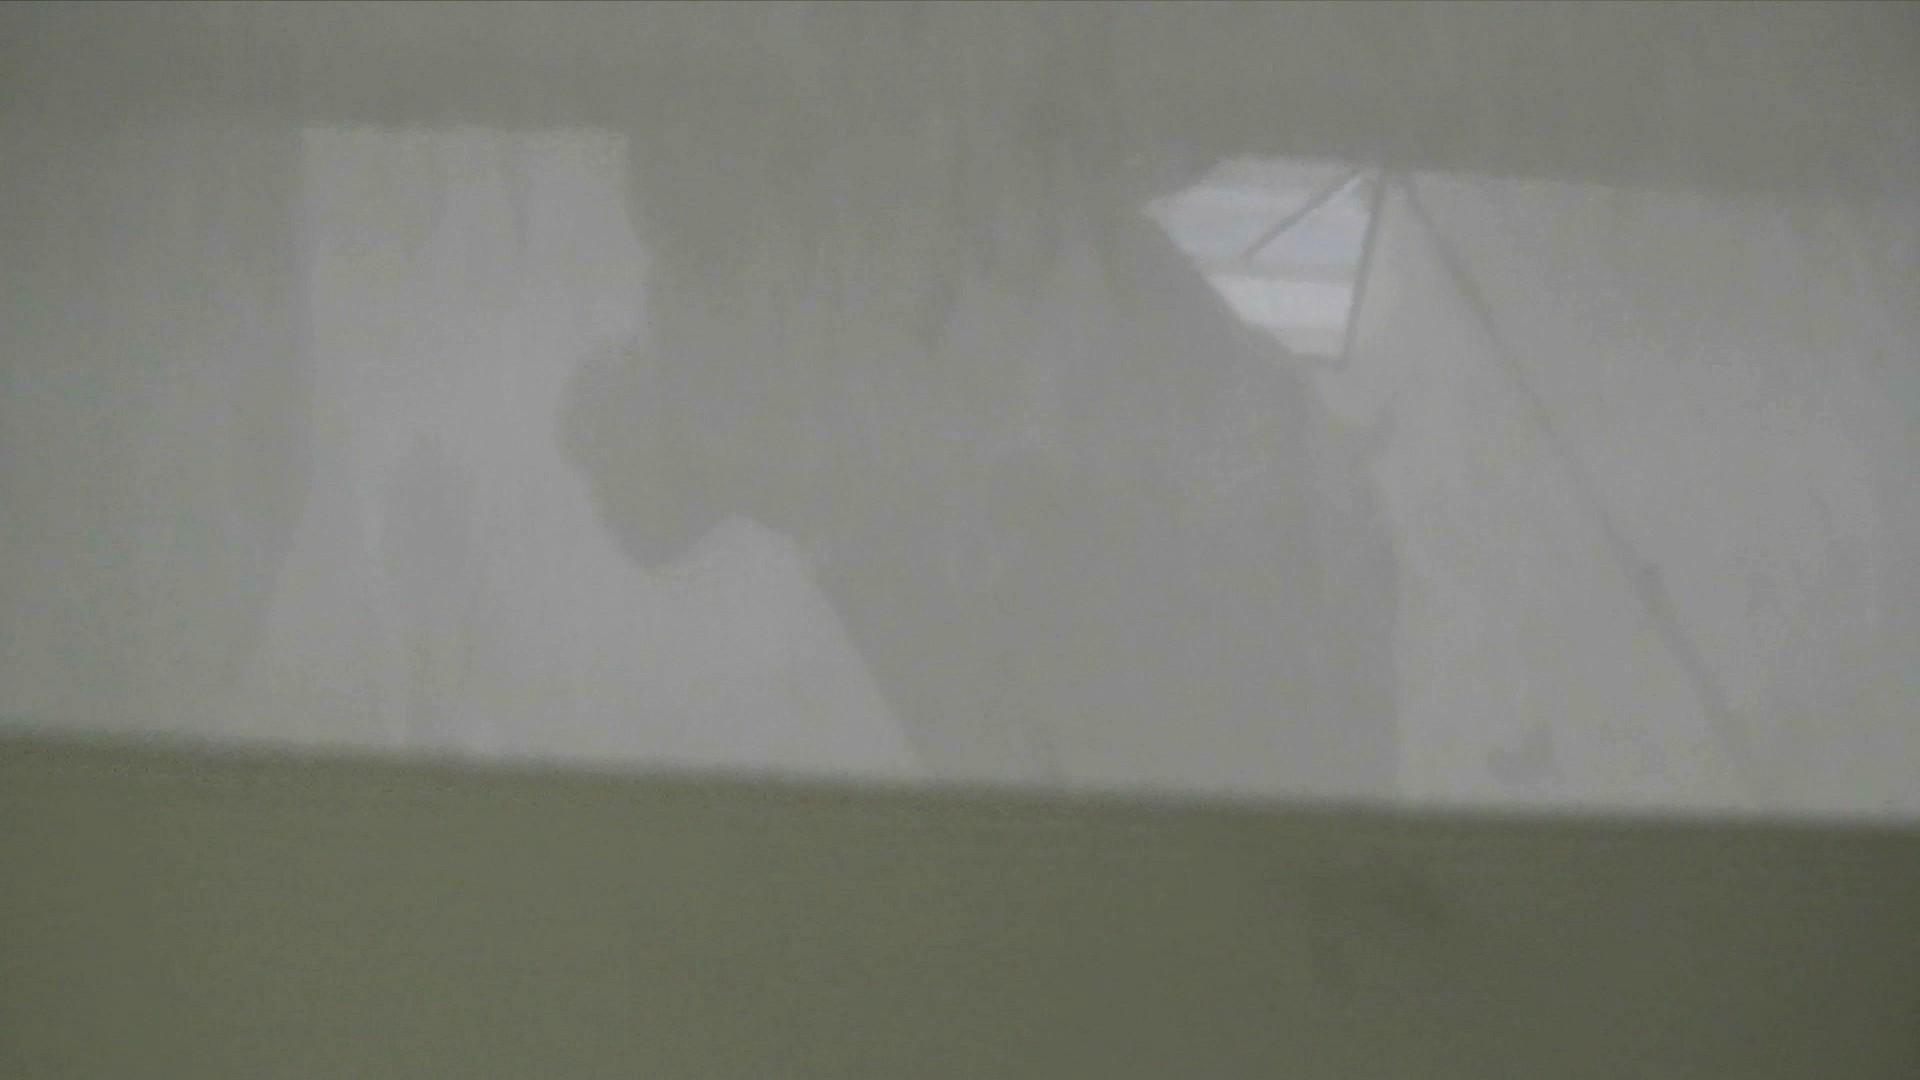 お市さんの「お尻丸出しジャンボリー」No.2 ギャル攻め エロ無料画像 109画像 37